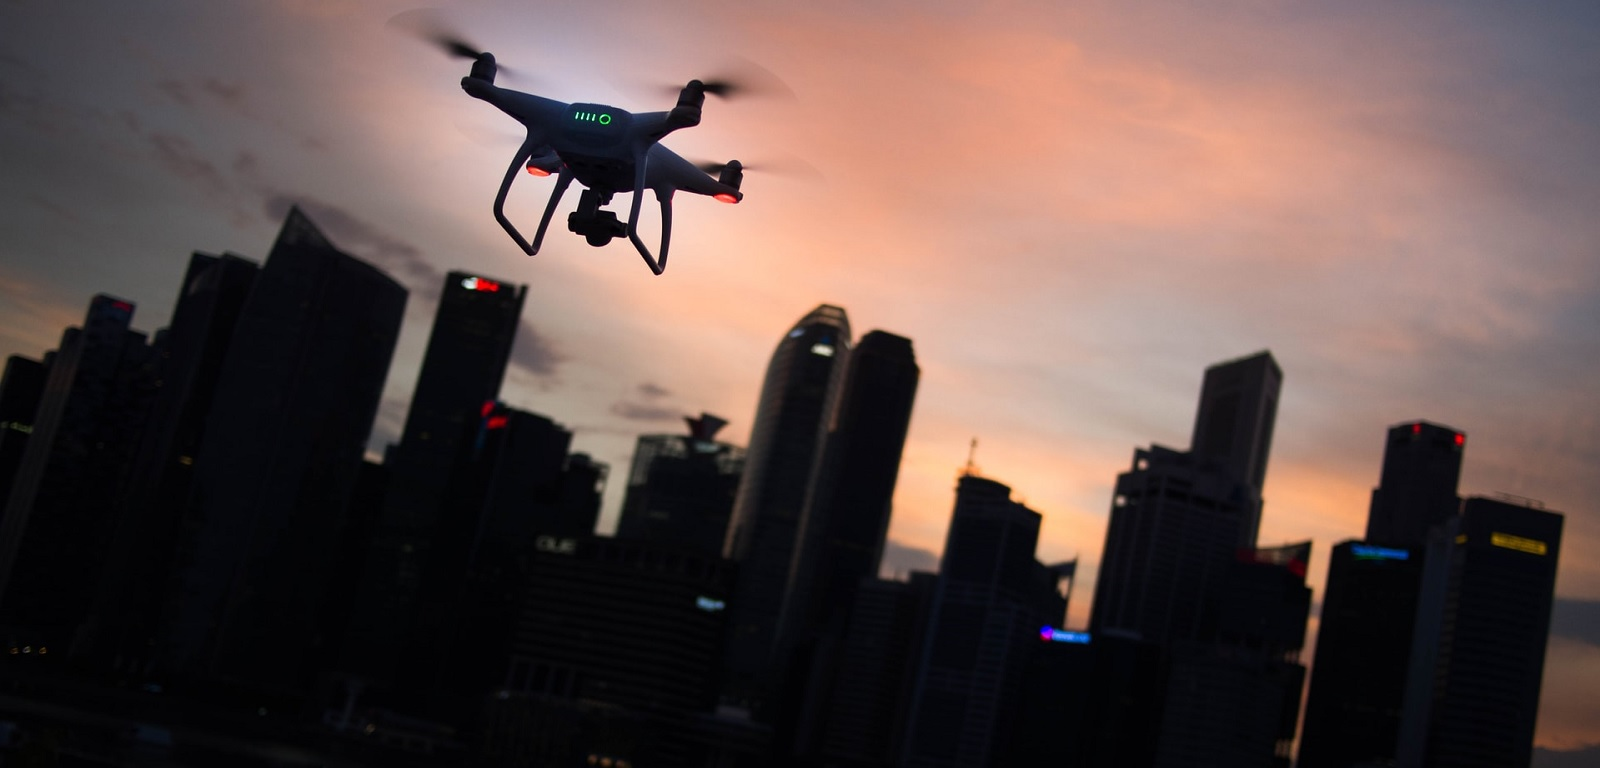 dron w mieście